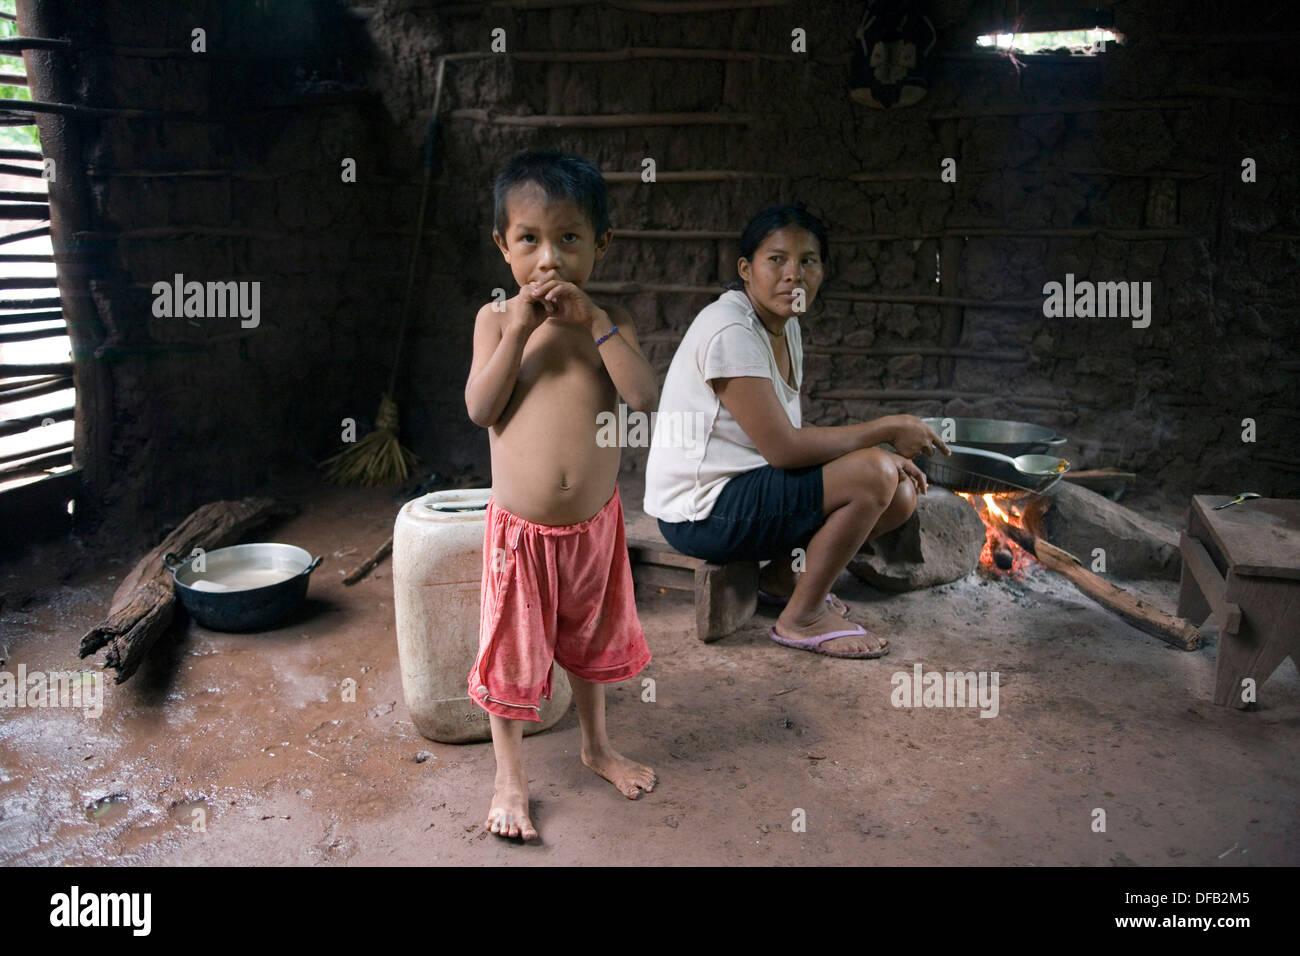 La femme et son enfant. Les membres de la communauté Tamaquito, vivant près de la mine de charbon à ciel ouvert Cerrejon. Colombie-britannique Photo Stock